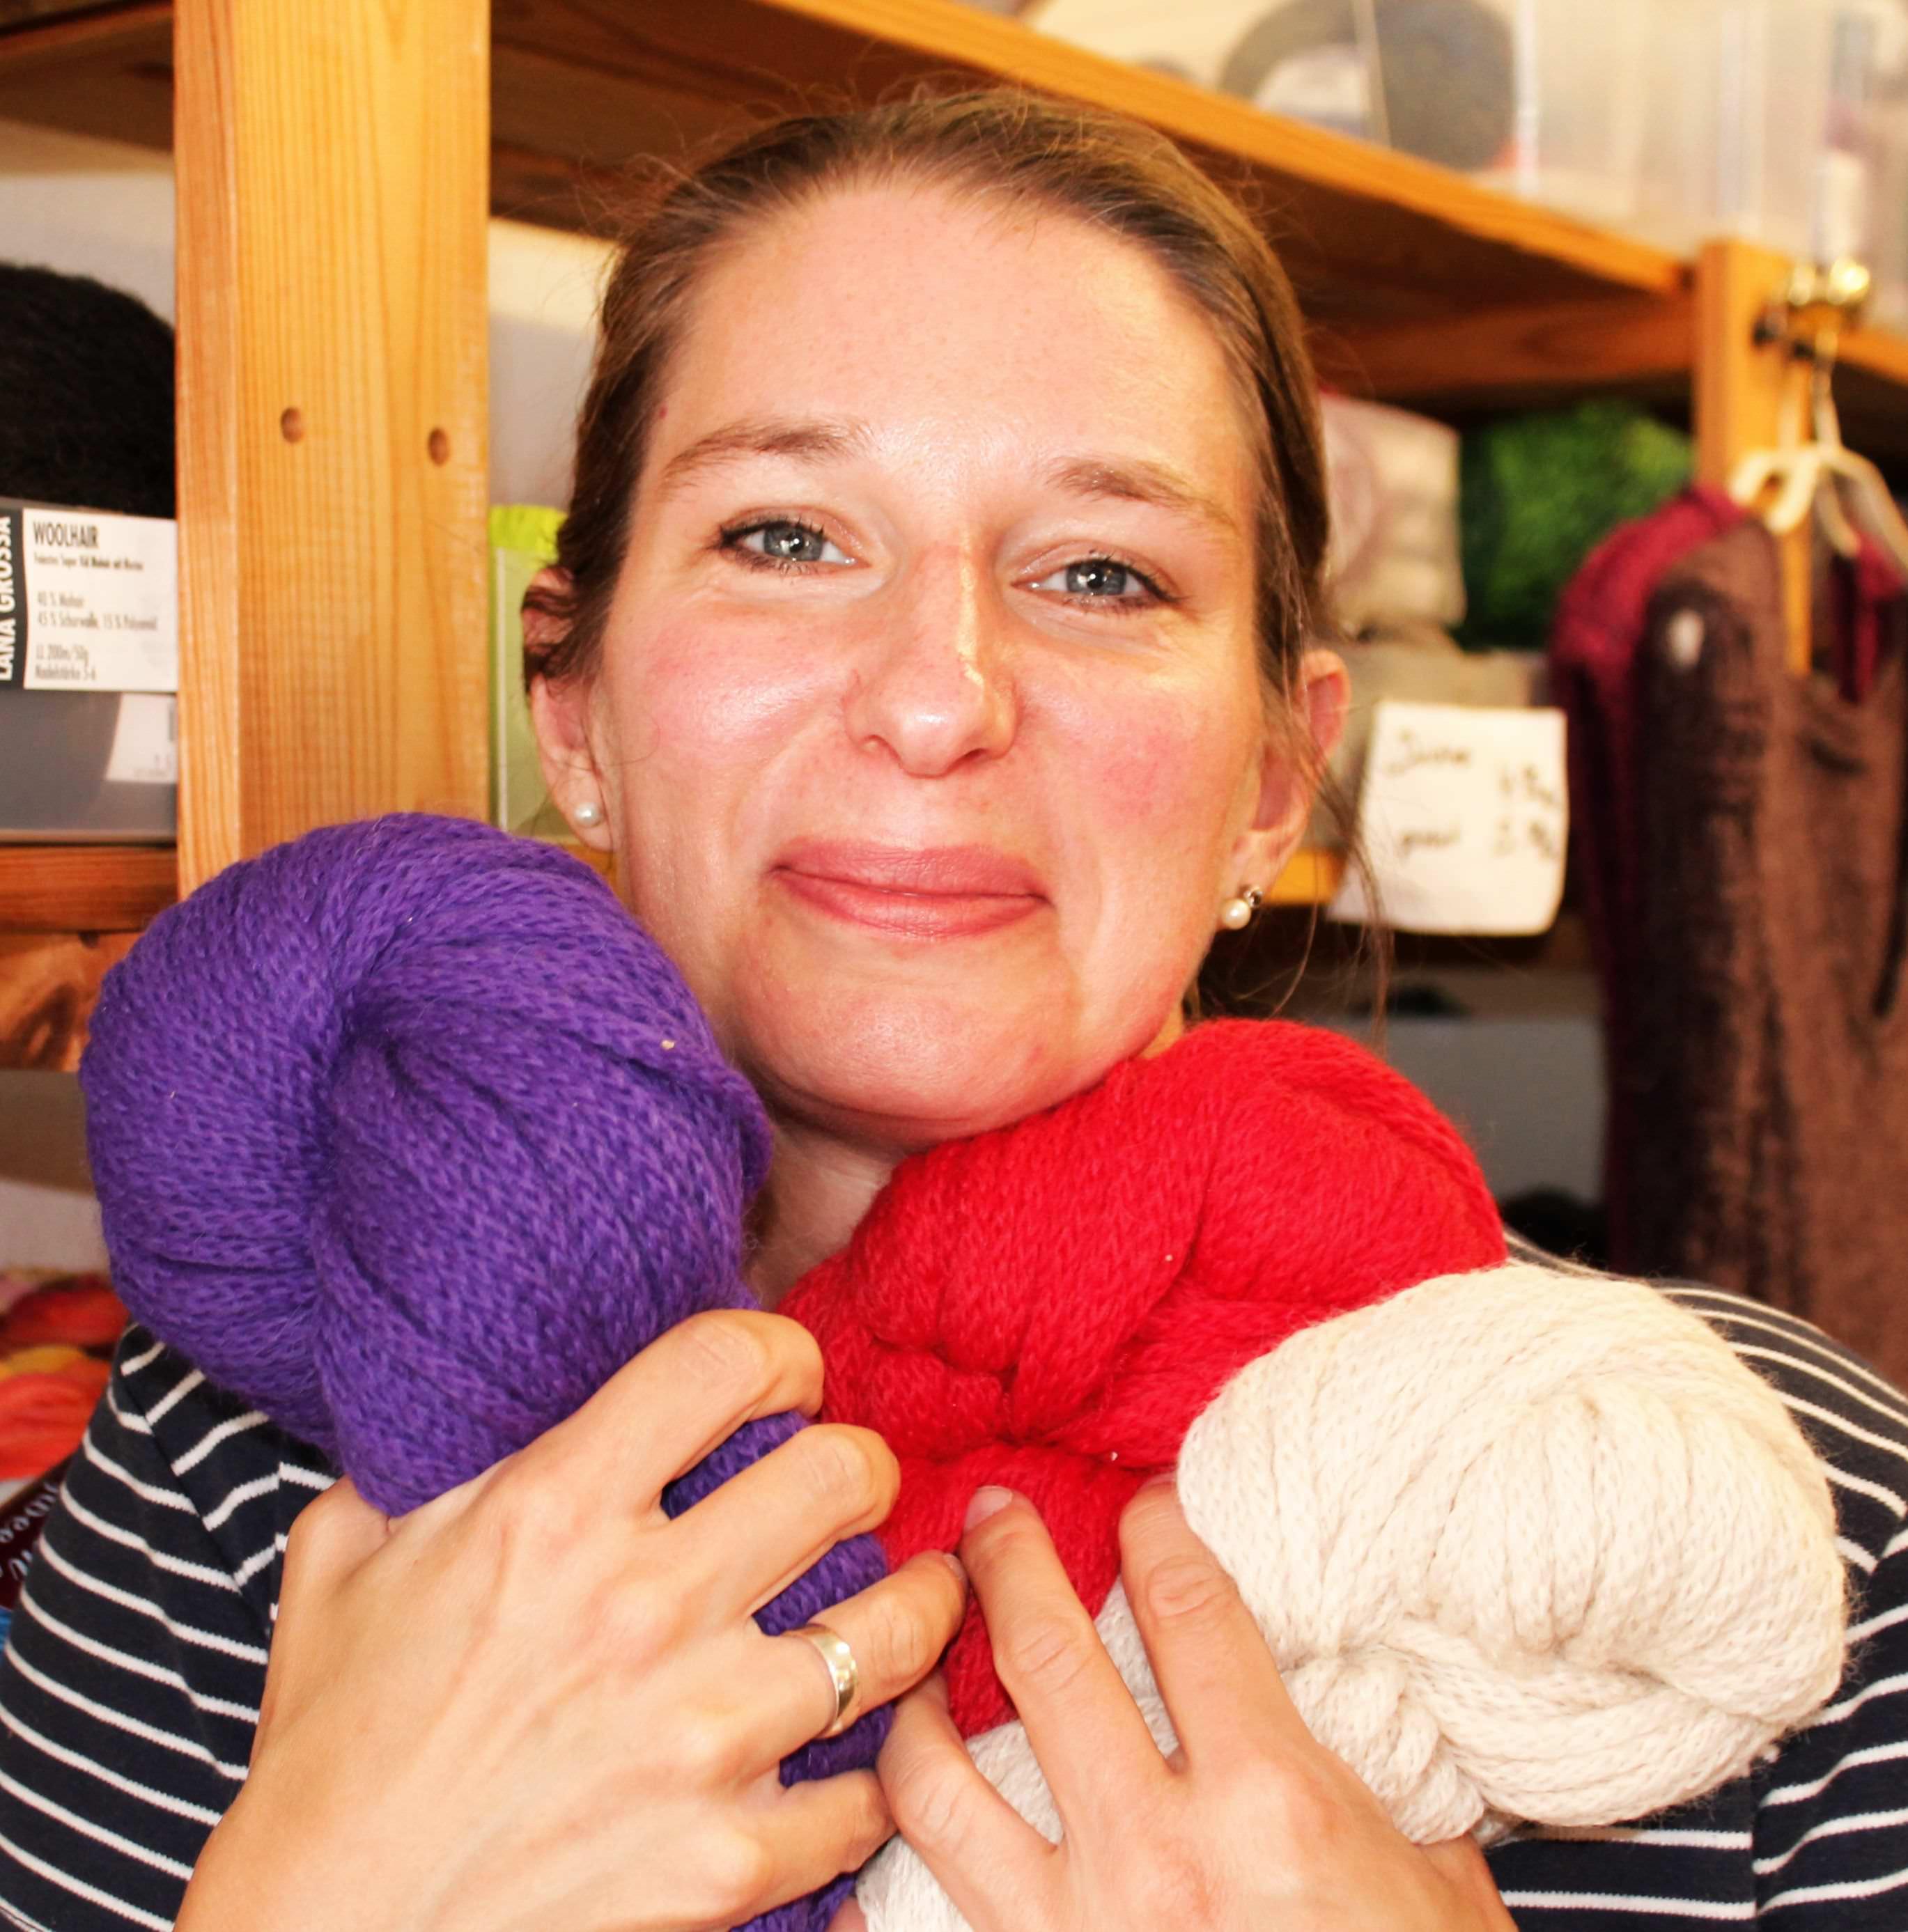 Wolle online kaufen, Alpakawolle - schoenstricken.de